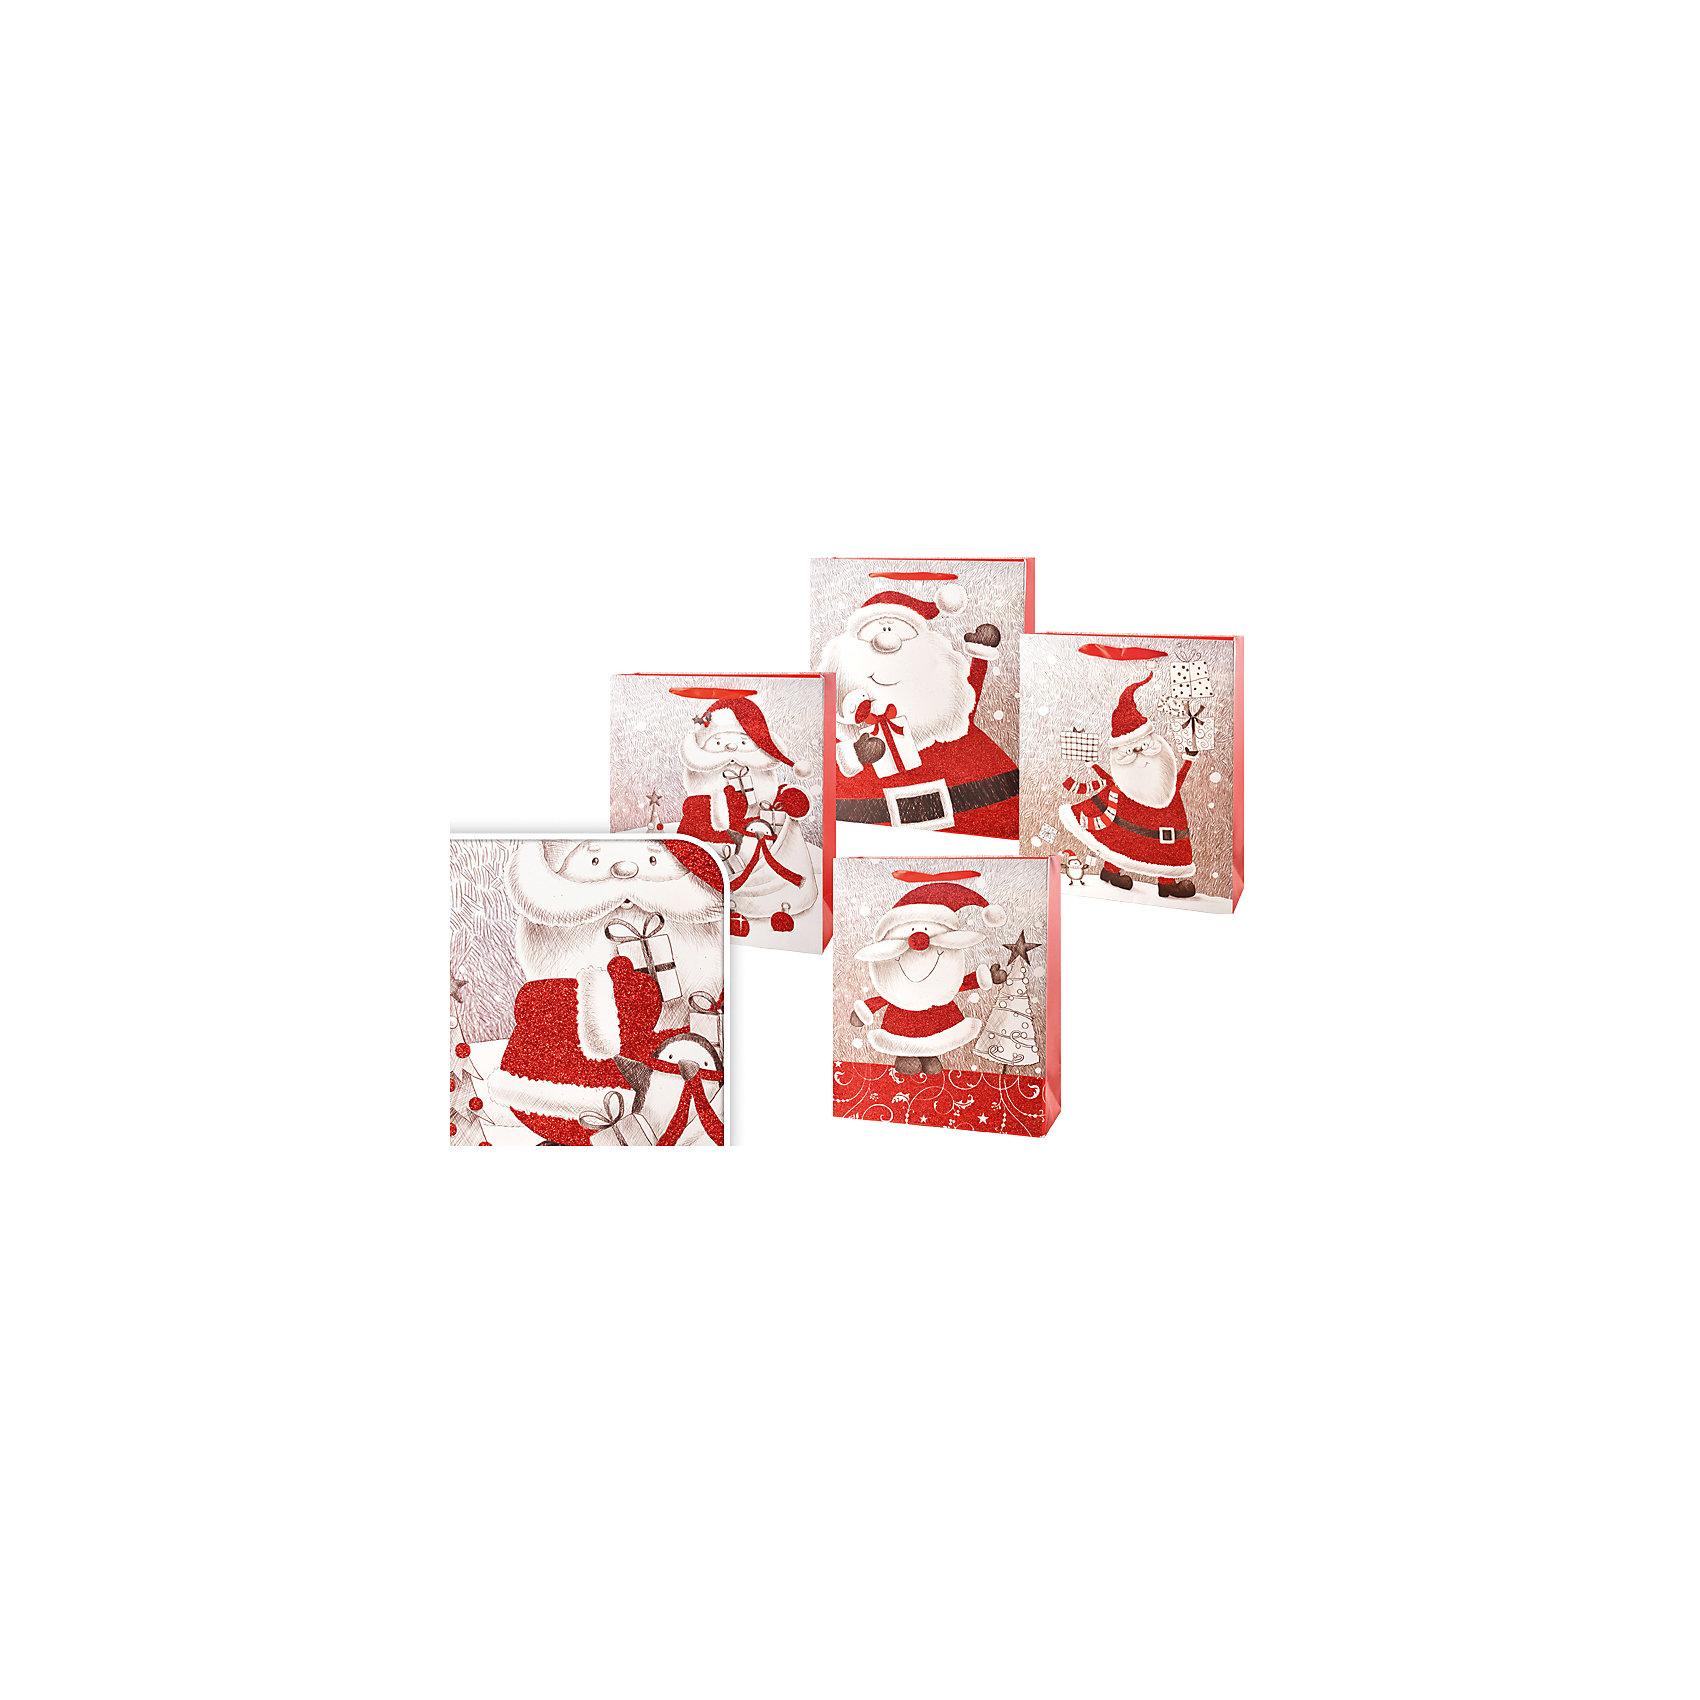 Пакет подарочный новогодний 32*26*10см, в ассортиментеНовинки Новый Год<br>Пакет подарочный новогодний 32*26*10см, в ассортименте с различными изображениями Деда Мороза –  необходимый атрибут в период новогодних праздников, который подчеркнет Ваш подарок и добавит праздничного настроения. Упаковка подарков в пакеты – удобно и просто. Пакет выполнен из плотной бумаги, для удобной переноски на пакете имеются две ручки.<br><br>Дополнительная информация:<br>-Материалы: бумага, текстиль<br>-Размеры: 32х26х10 см<br>-Вес в упаковке: 80 г<br>-В ассортименте: 5 вариантов (Внимание! Заранее выбрать невозможно, при заказе нескольких возможно получение одинаковых)<br><br>Новогодний подарок, преподнесенный в оригинальном подарочном пакете, всегда будет самым эффектным и запоминающимся!<br><br>Пакет подарочный новогодний 32*26*10см, в ассортименте можно купить в нашем магазине.<br><br>Ширина мм: 320<br>Глубина мм: 260<br>Высота мм: 100<br>Вес г: 80<br>Возраст от месяцев: 36<br>Возраст до месяцев: 1188<br>Пол: Унисекс<br>Возраст: Детский<br>SKU: 4251000